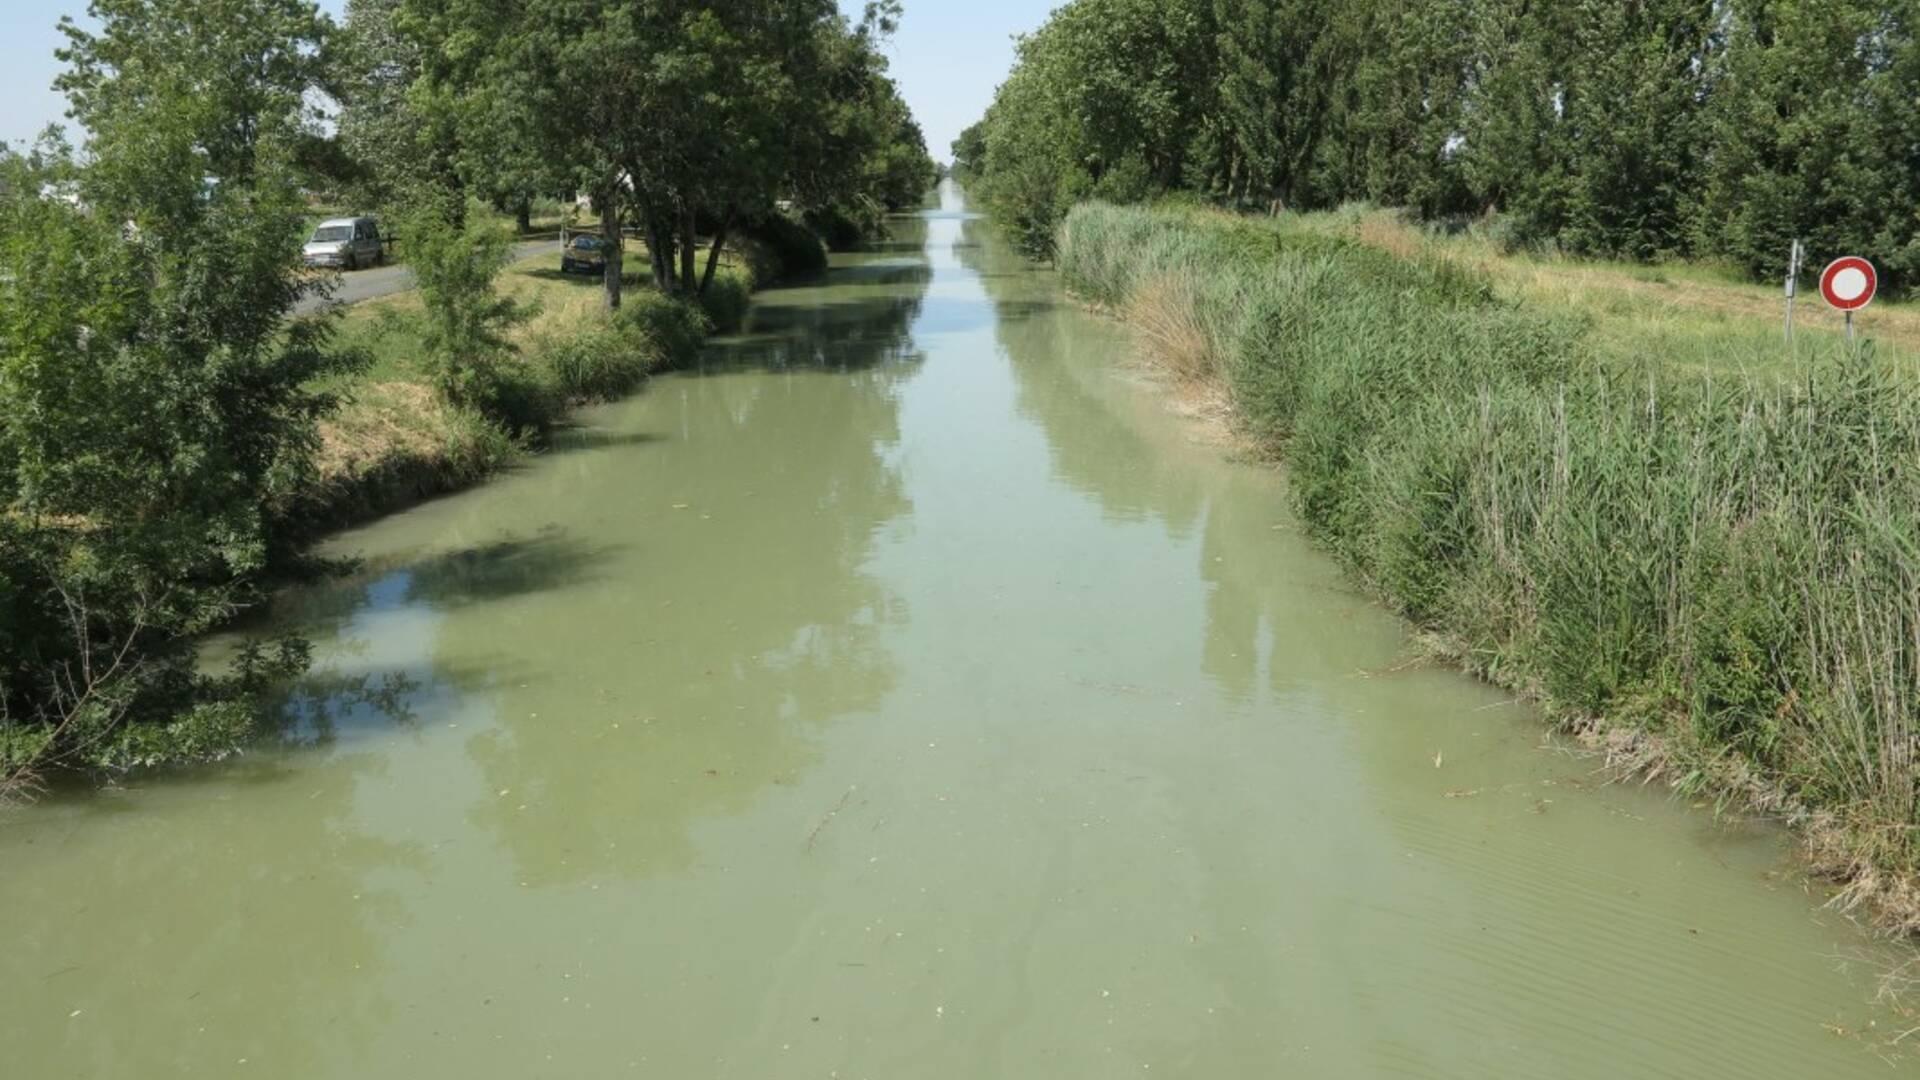 rochefort-ocean-peche-eau-douce-canal-charente-seudre © Fédération départementale pour la pêche et la protection du milieu aquatique